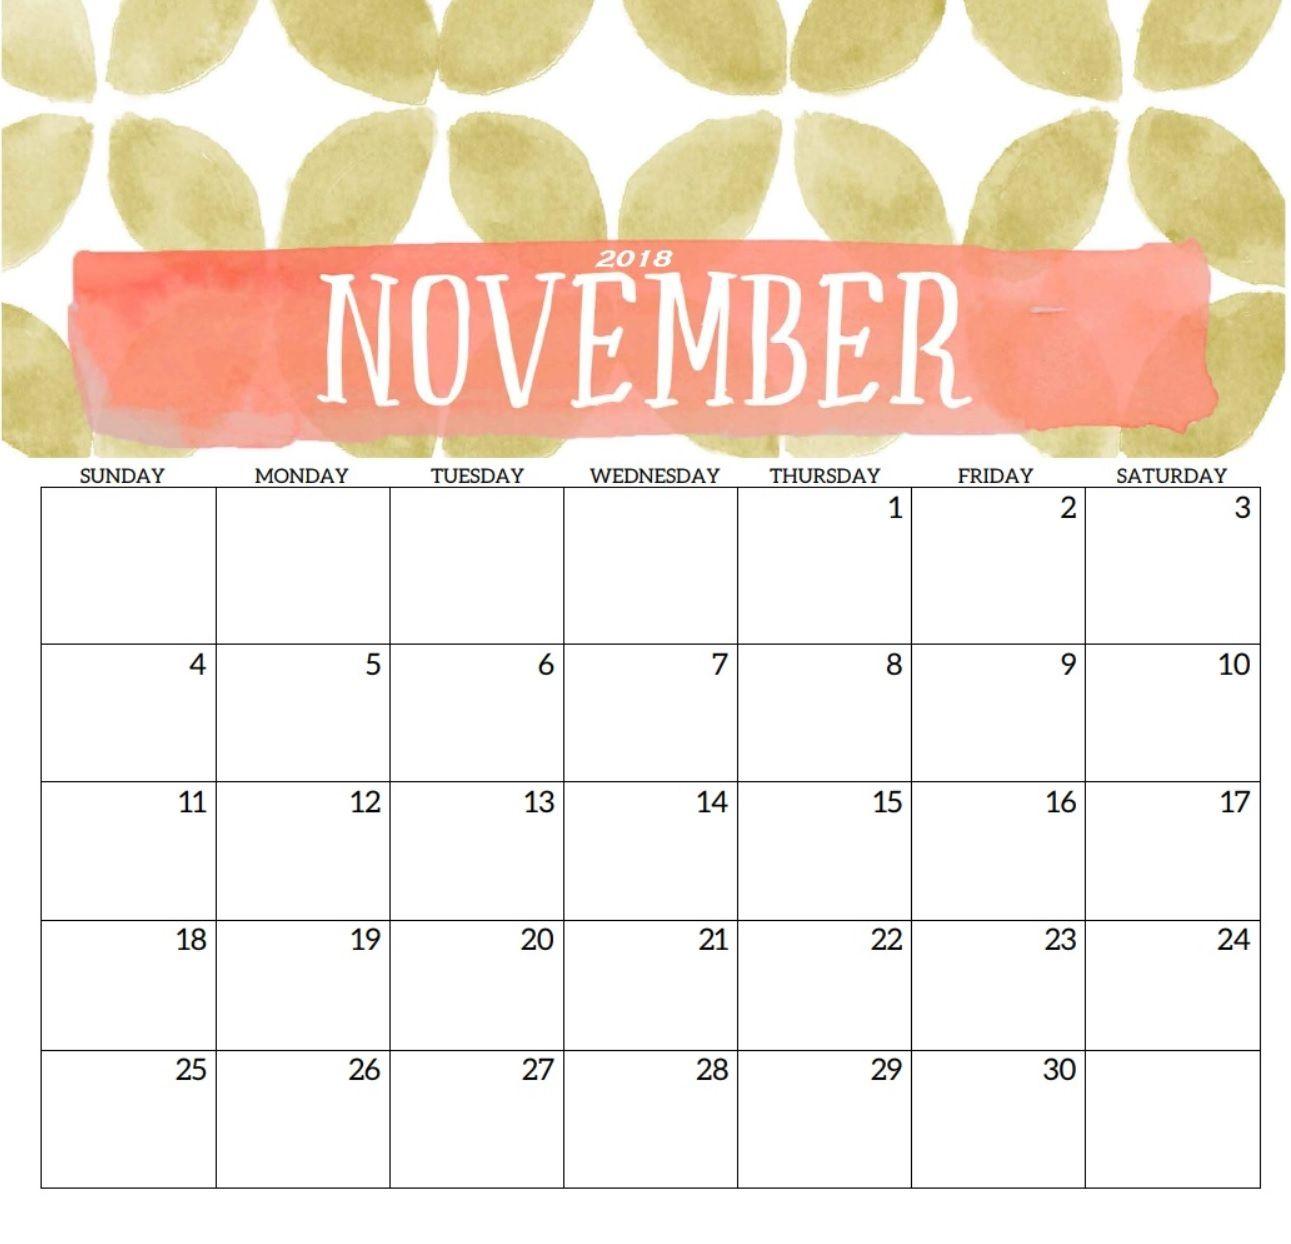 November 2018 Calendar November Printable Calendar Calendar